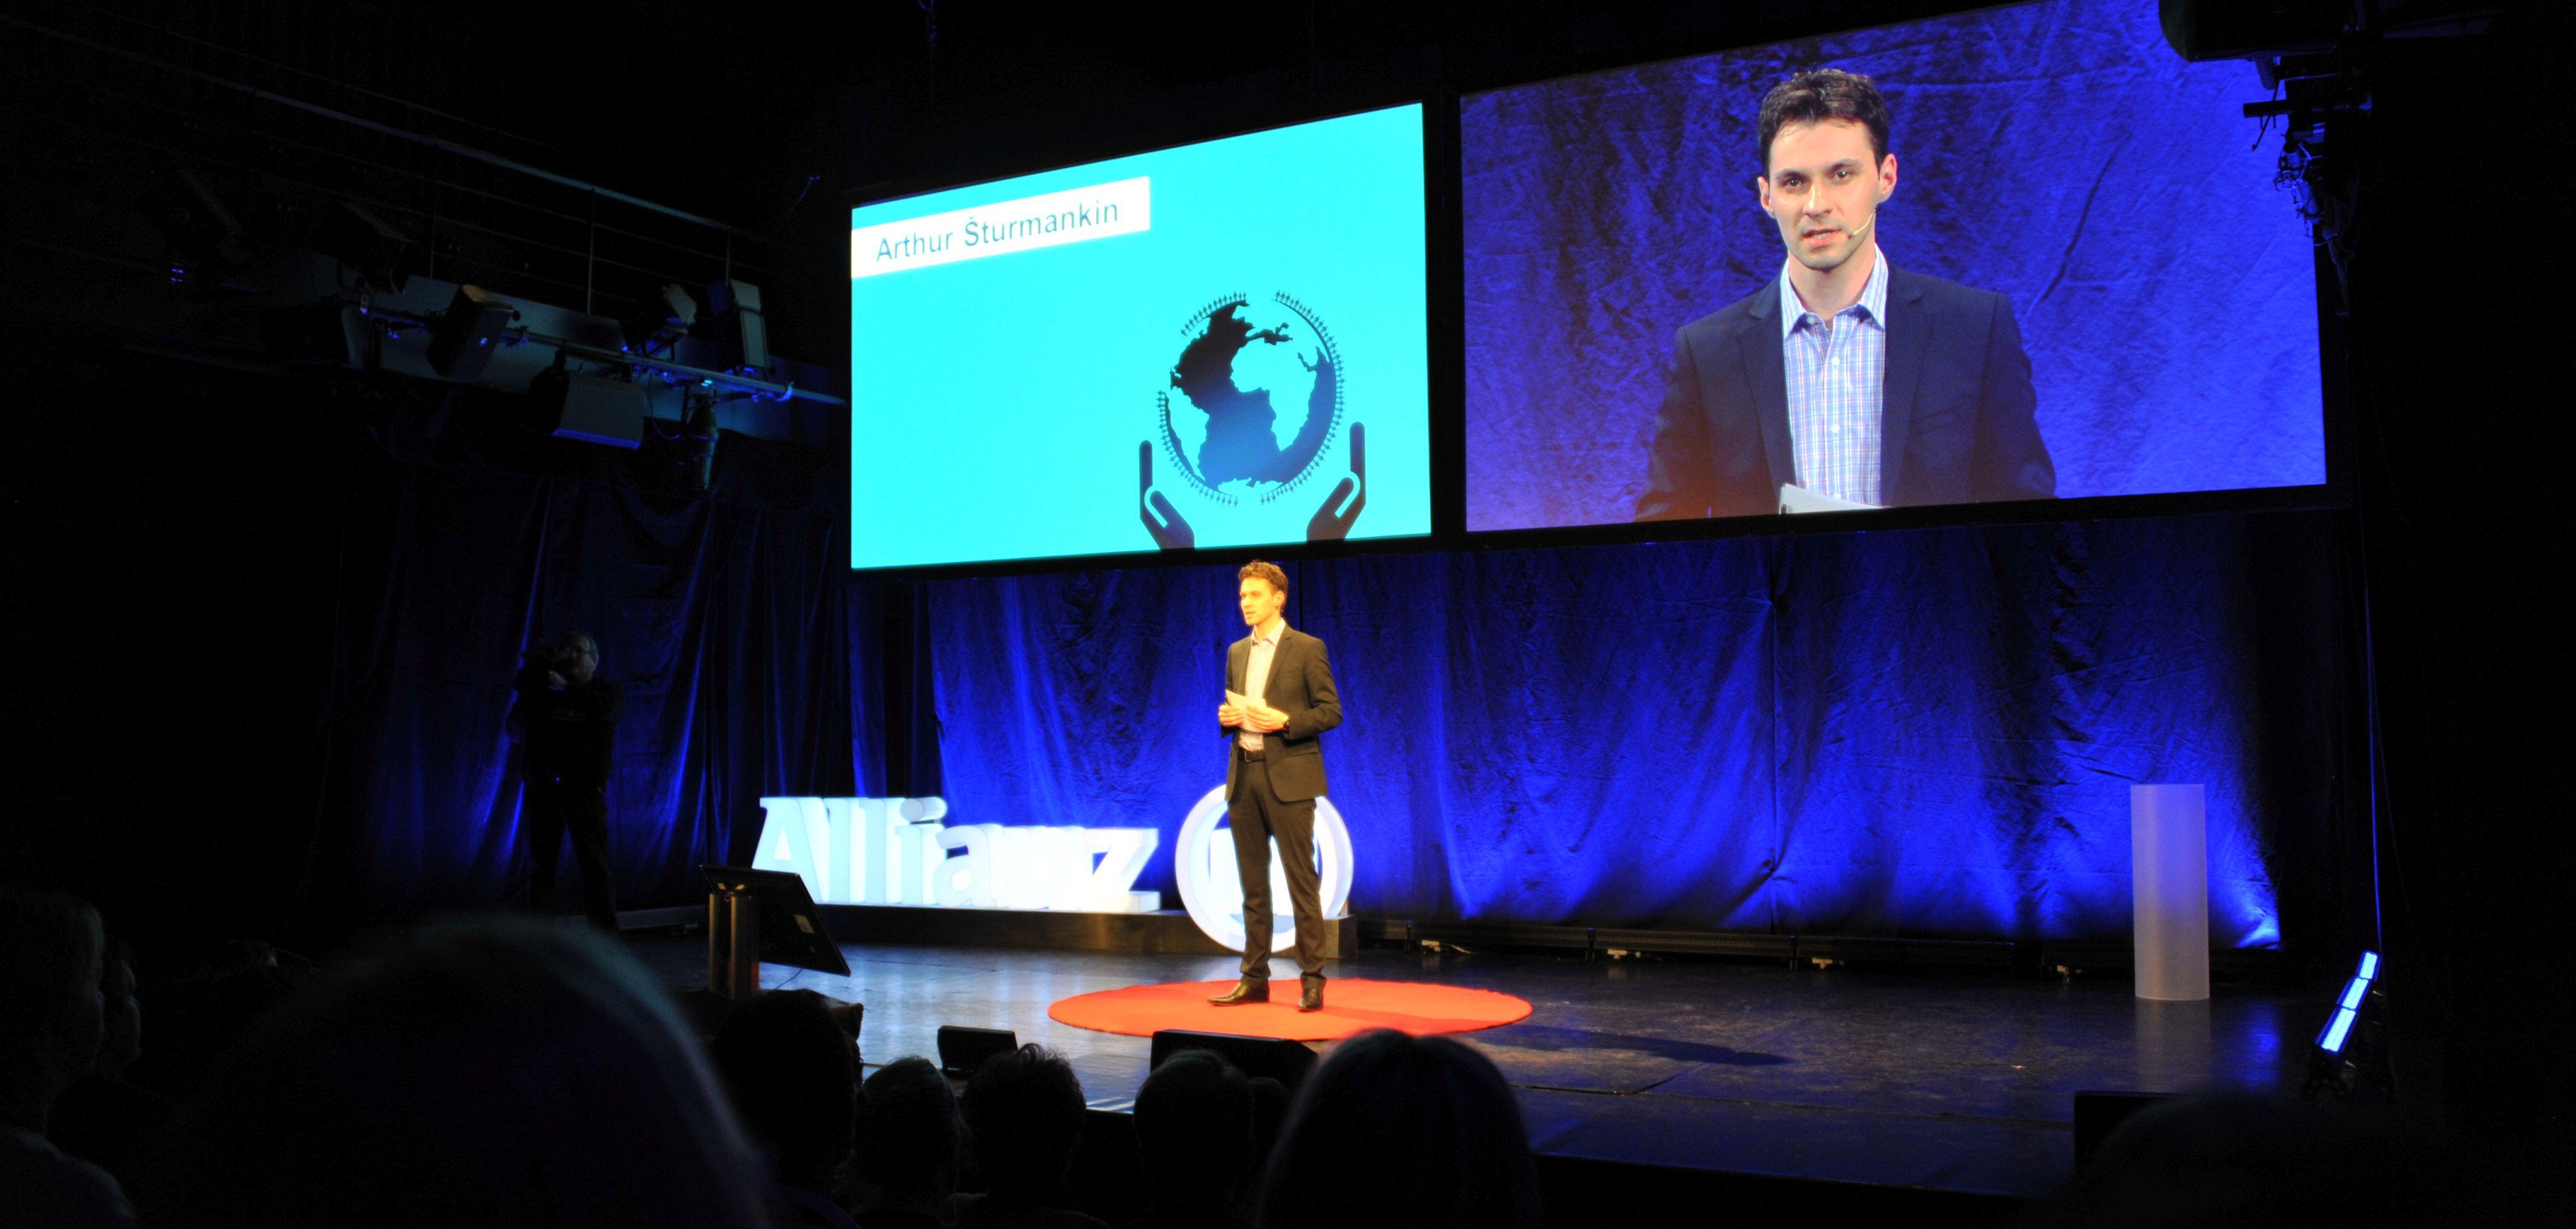 Arthur Šturmankin pri moderovaní firemnej TEDx konferencie Zdroj: Arthur Šturmankin